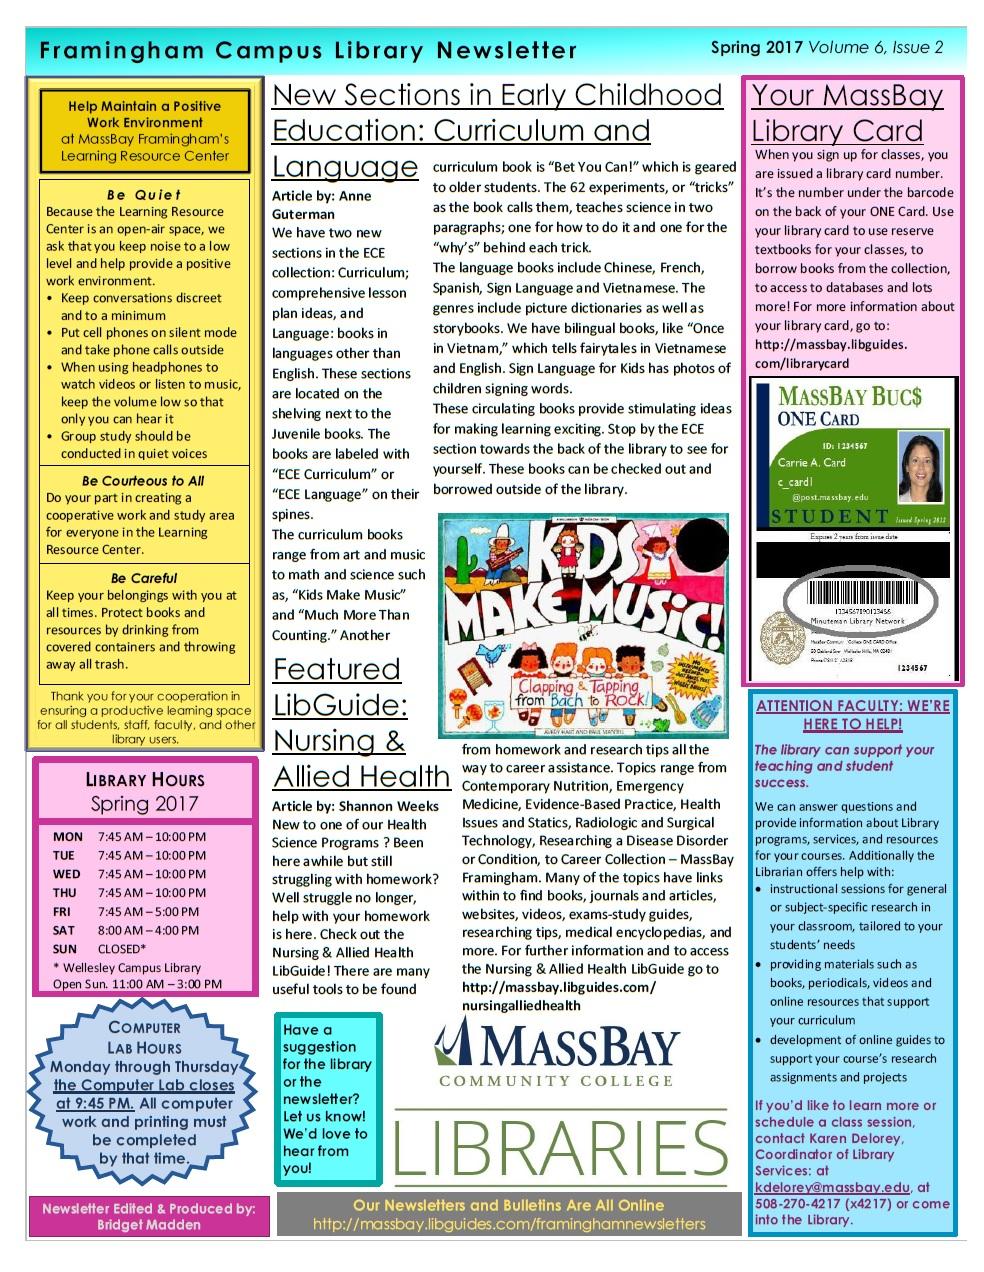 MassBay Library Framingham Newsletter Spring 2017